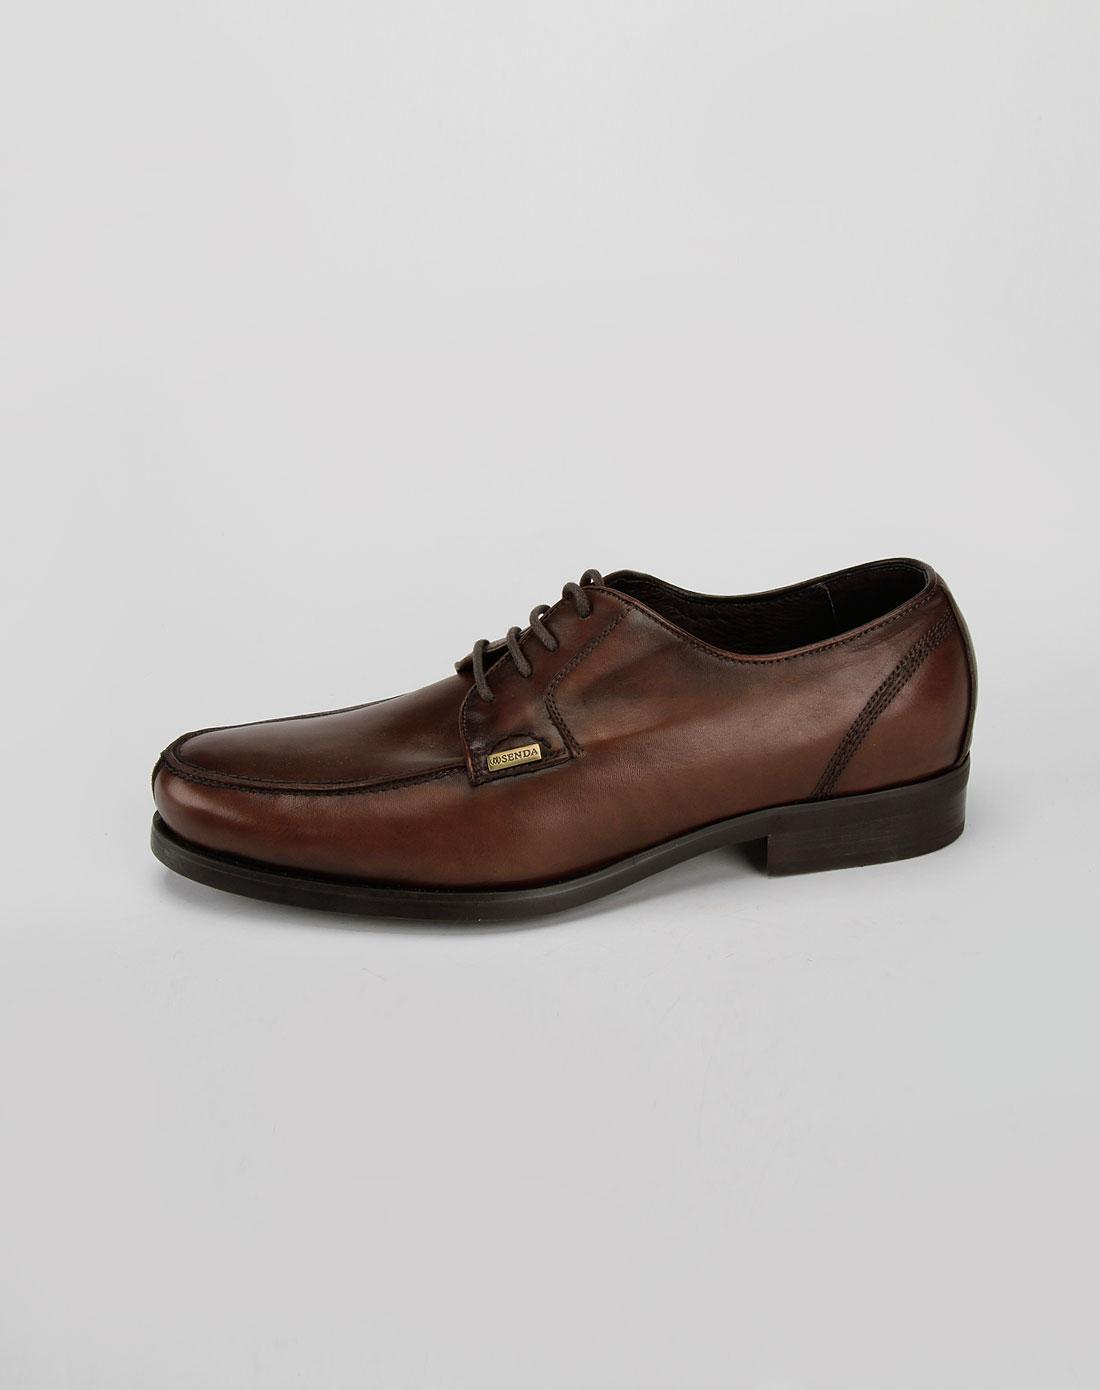 森达男鞋休闲鞋-森达男鞋休闲鞋批发、促销价格、... - 阿里巴巴